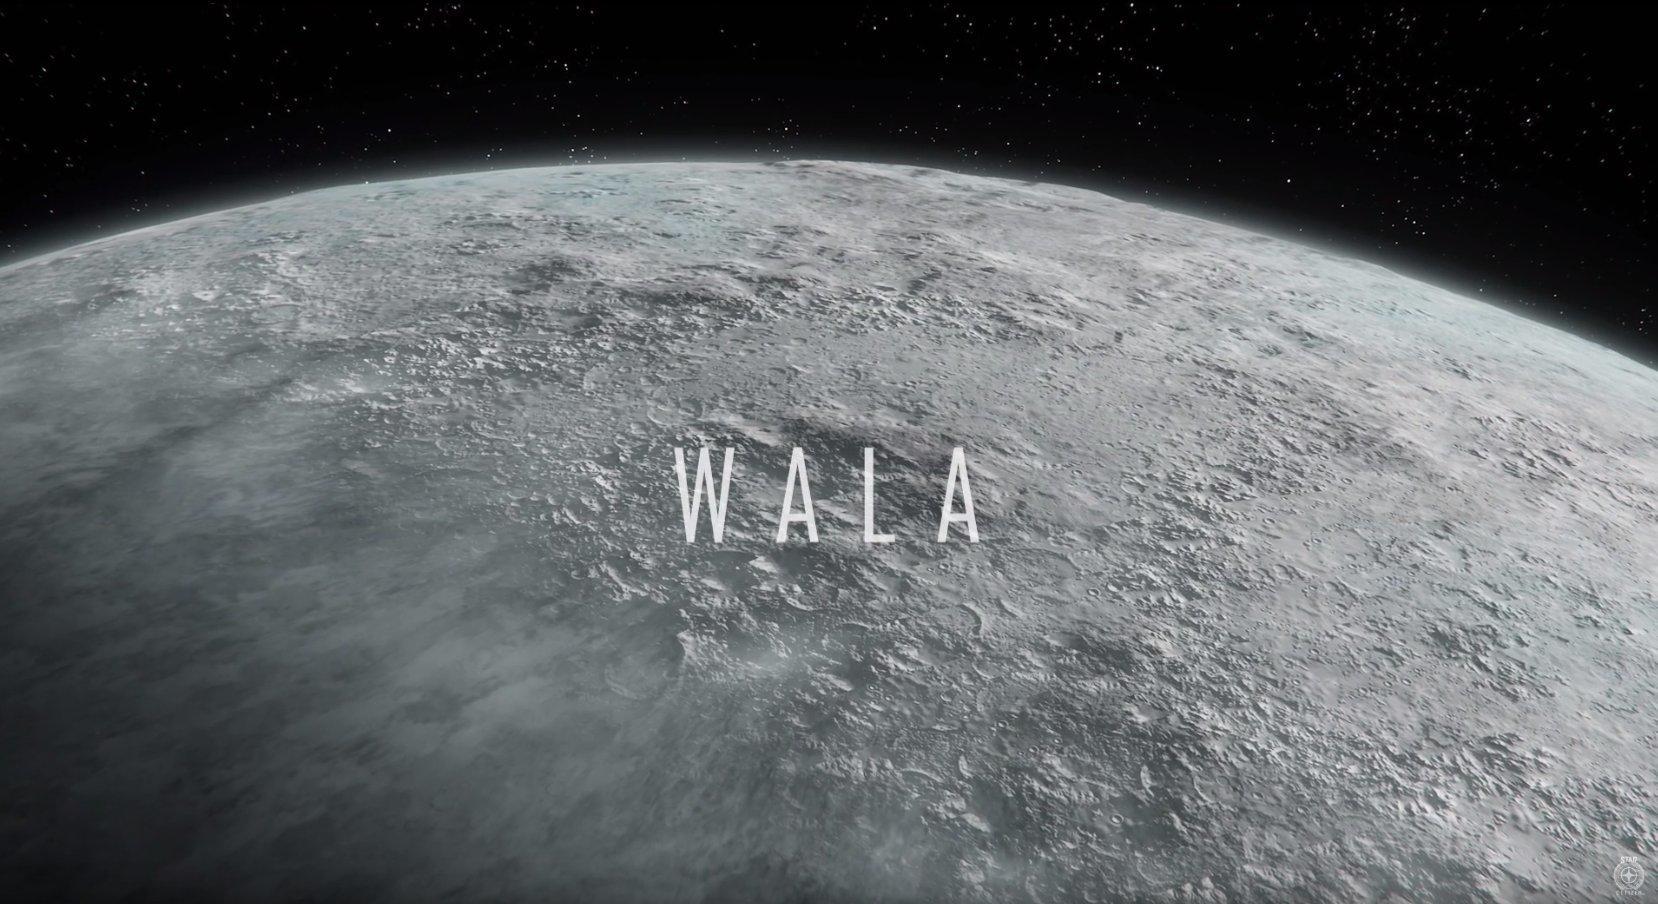 Księżyc ArcCorp - Wala